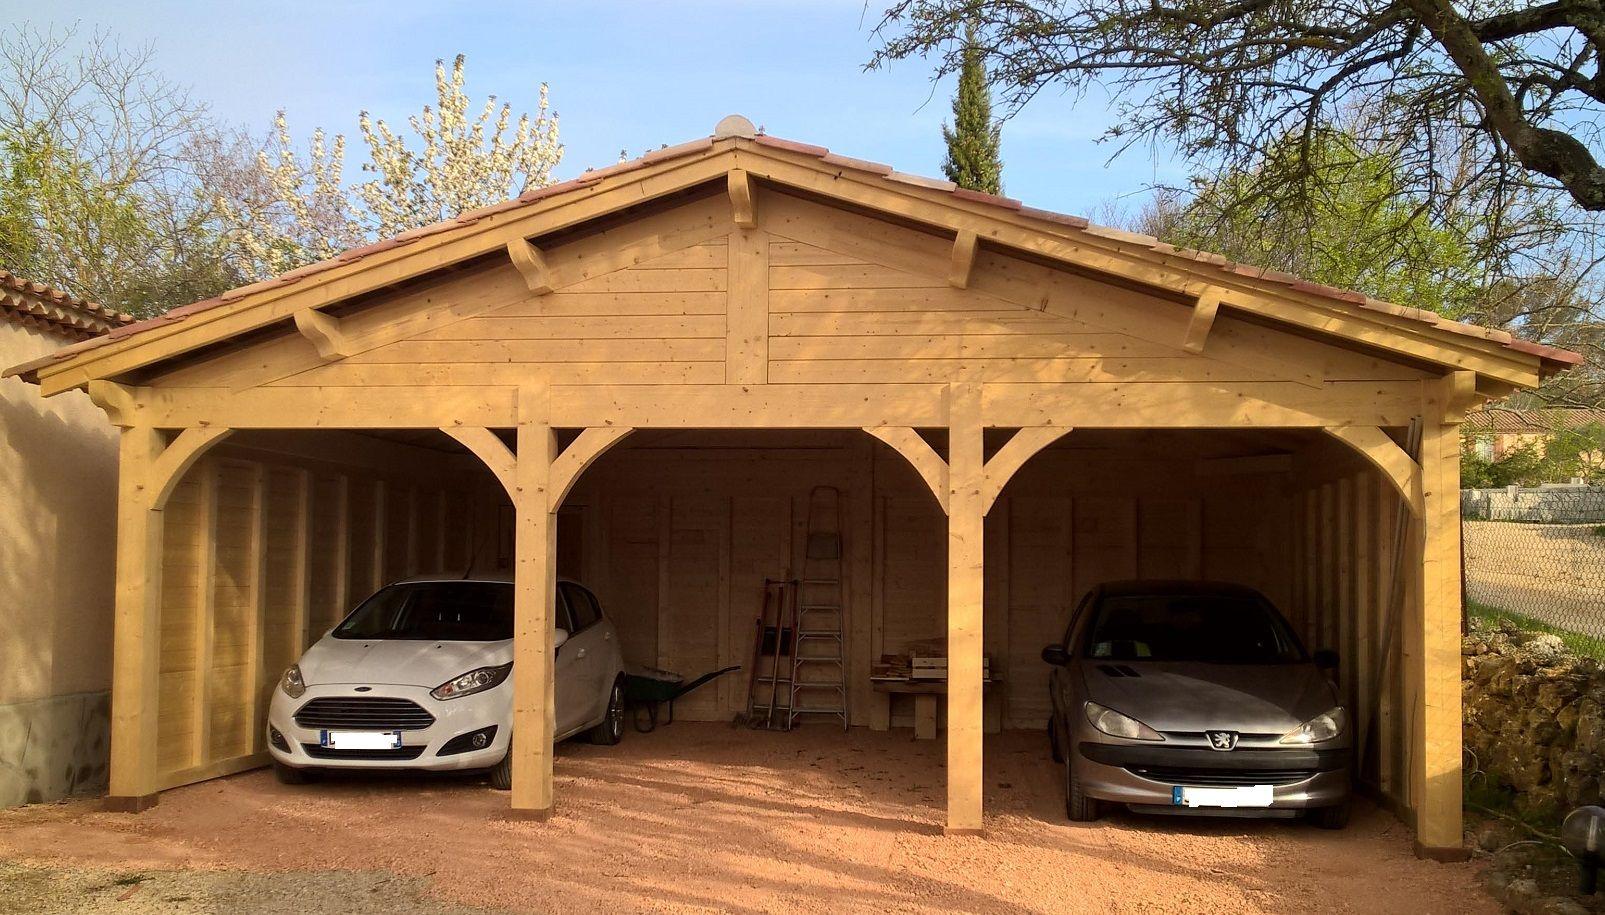 Abri en bois pour 3 voitures. Réalisation sur mesure par